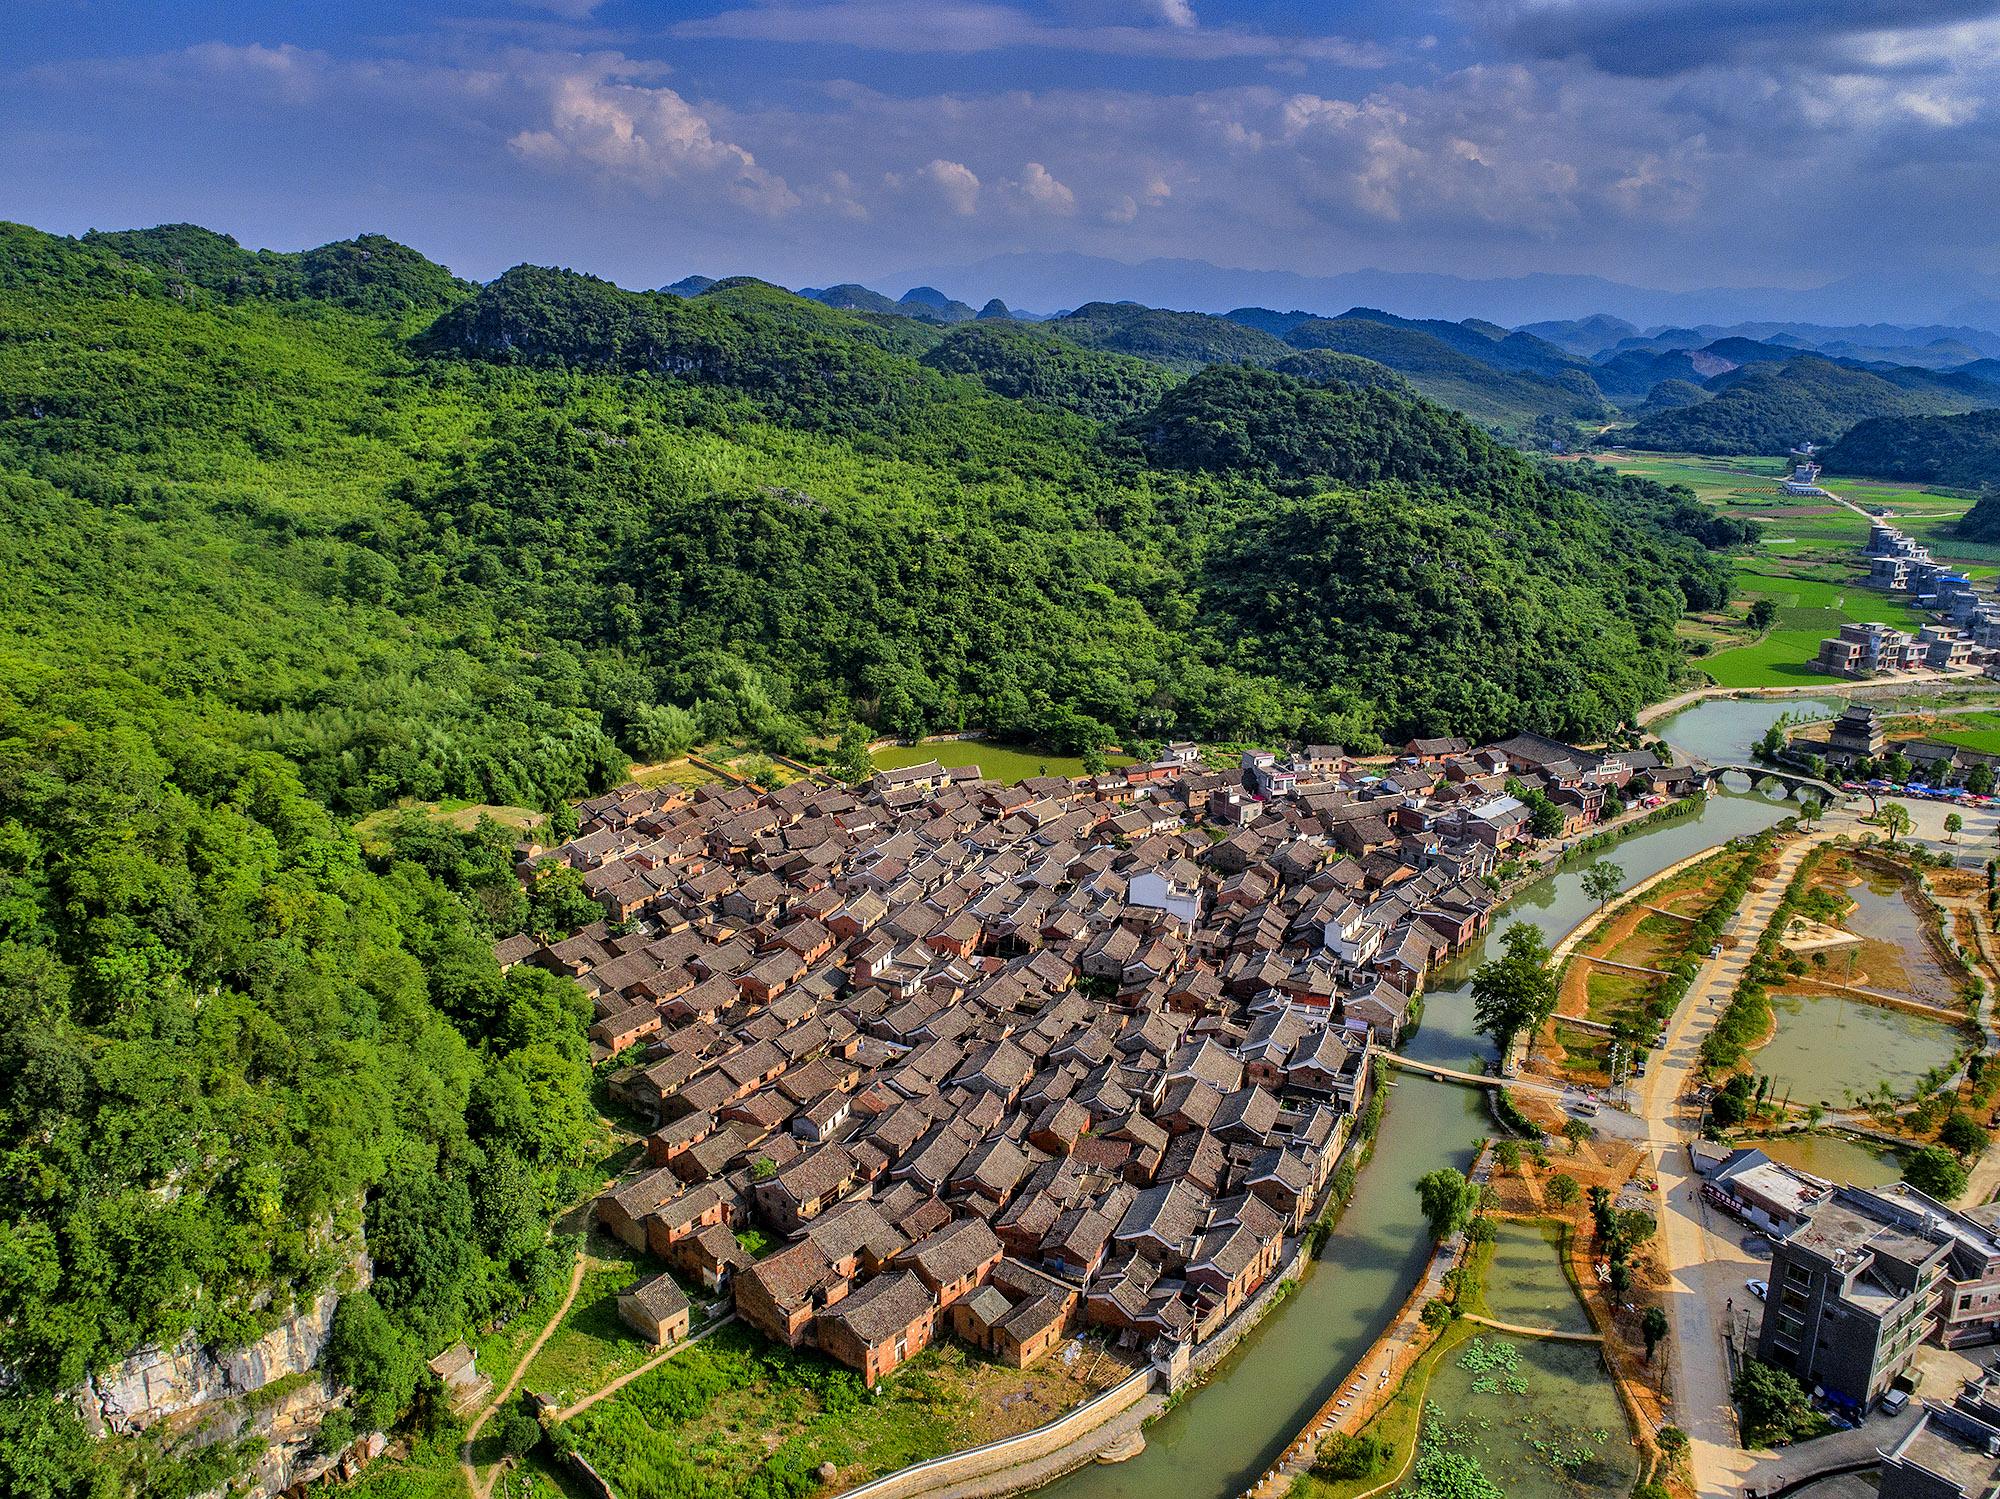 原创             湖南唯一宋代古桥坍塌一半不维修的奥秘,村民说掉一块石板村里就有人做官